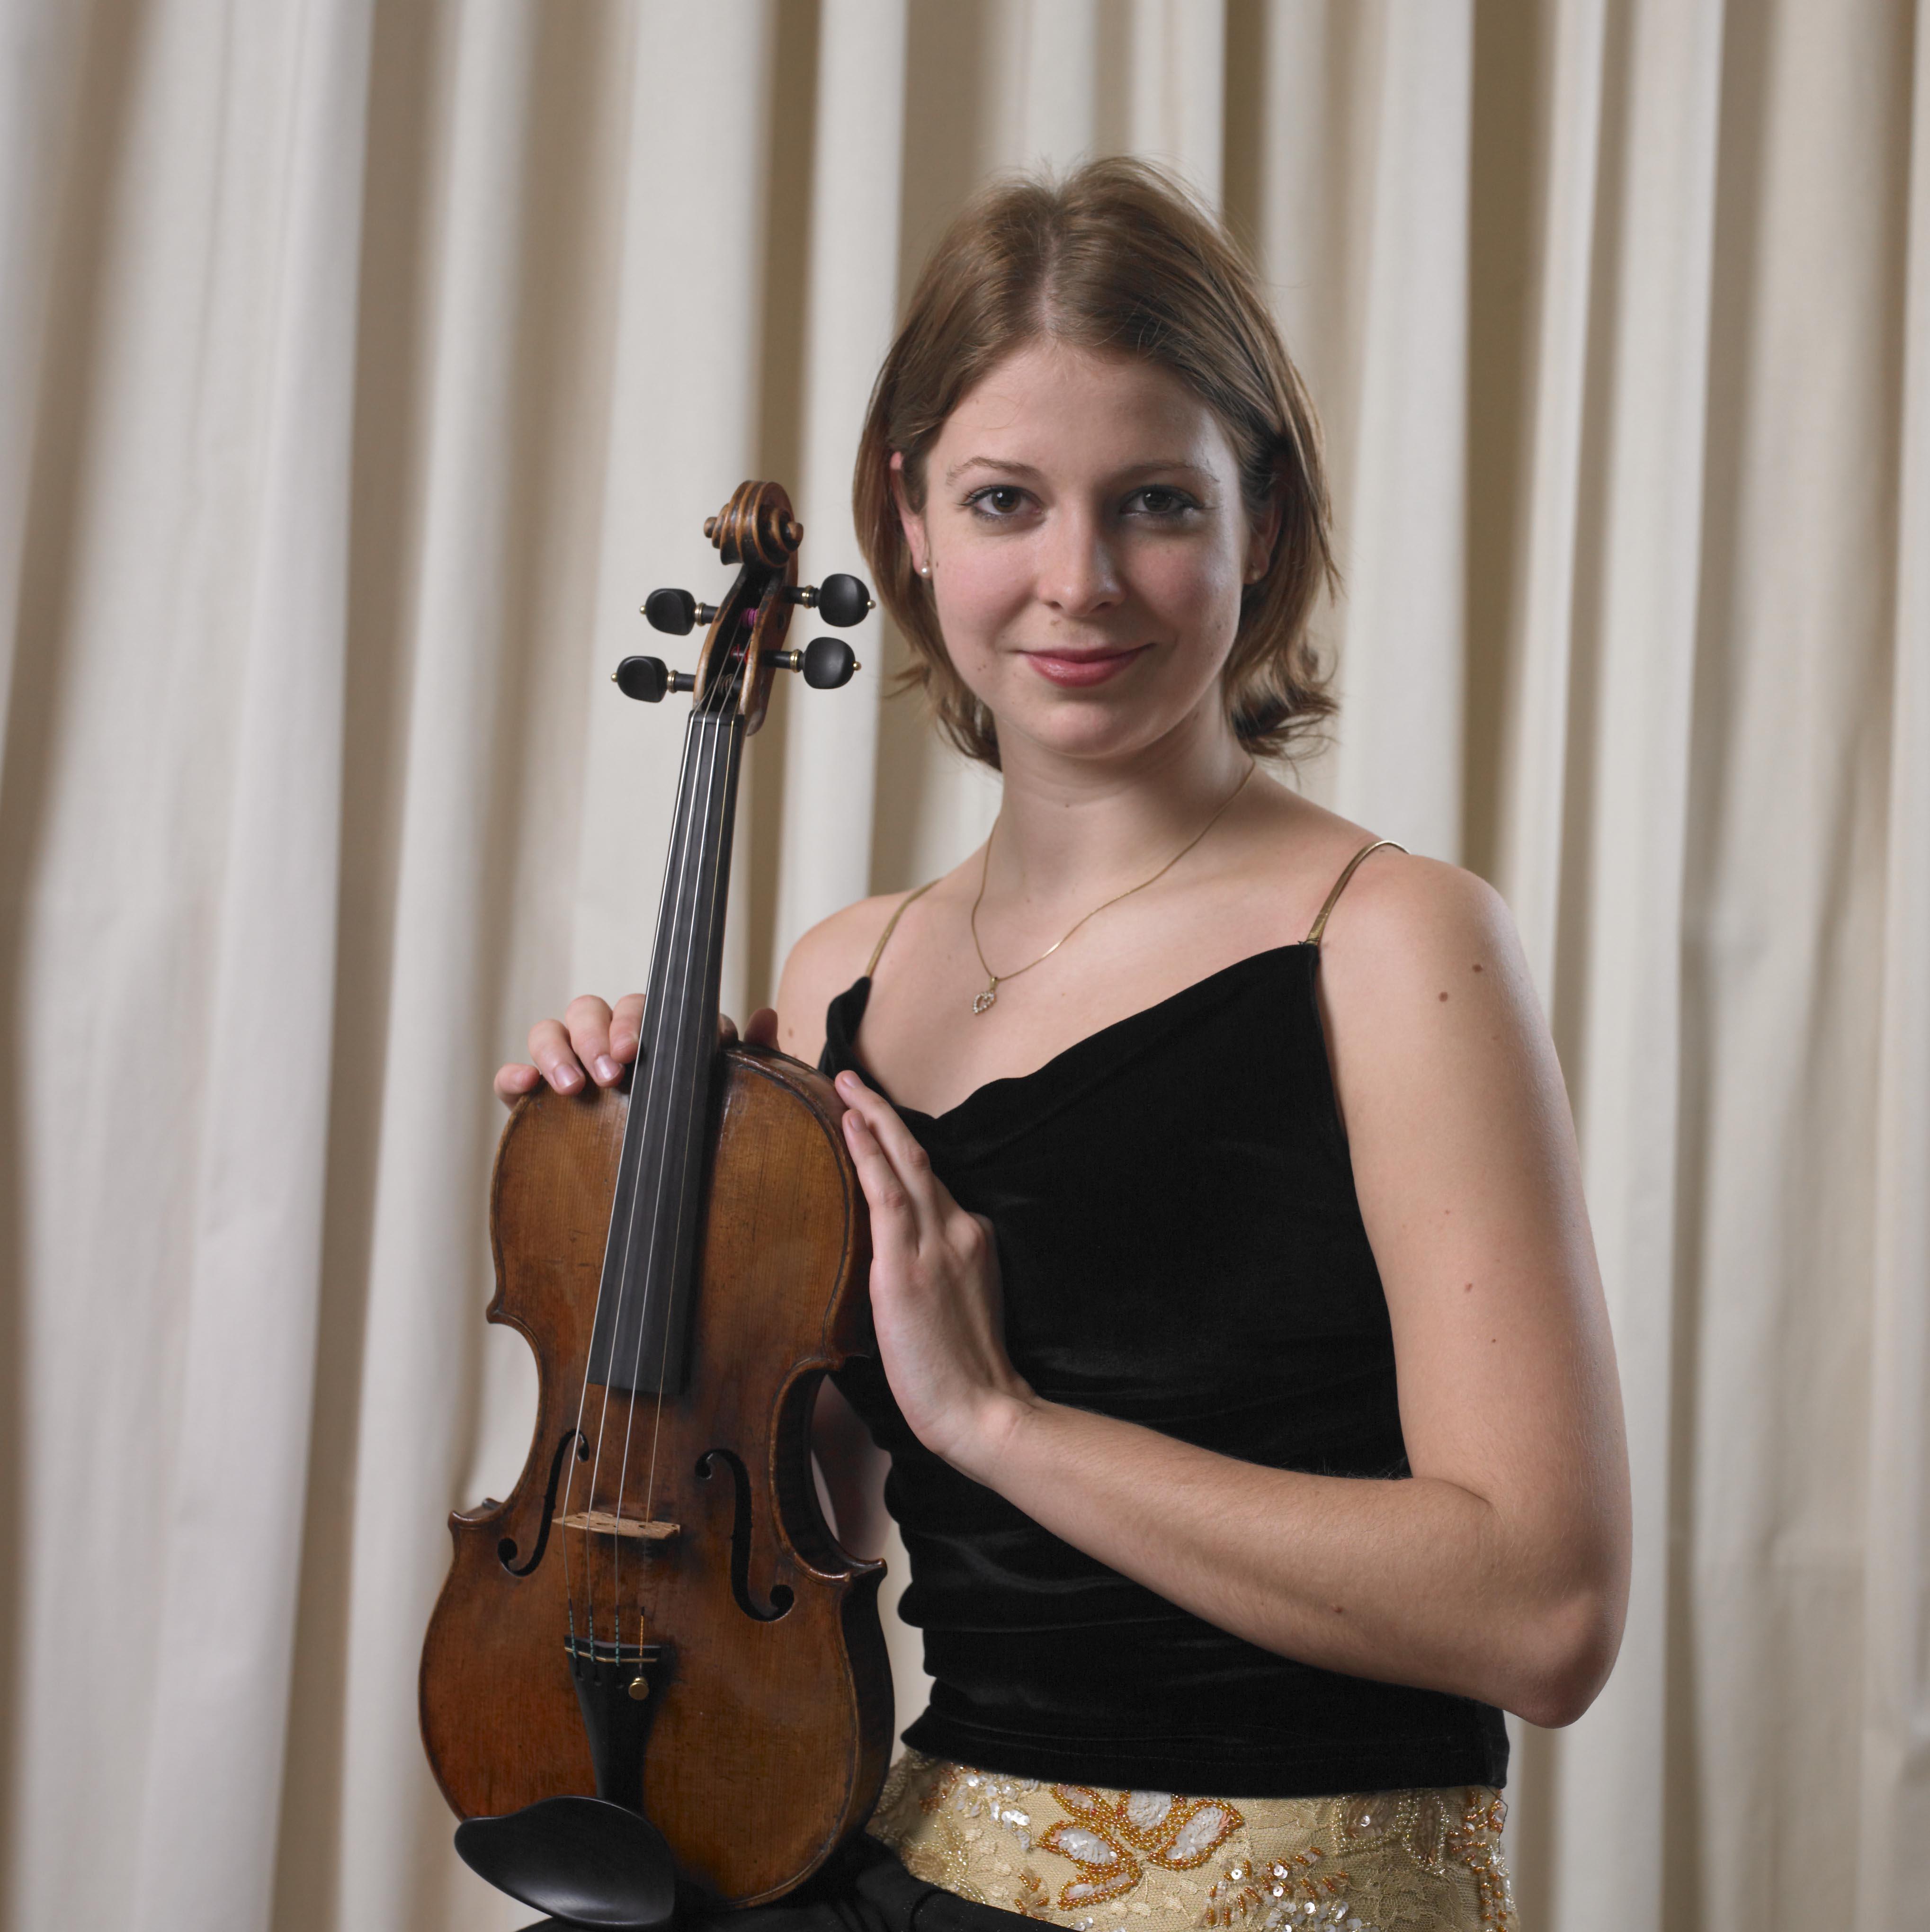 Rahn Musikpreis 2006, Noémie Rufer, 3. prize violin